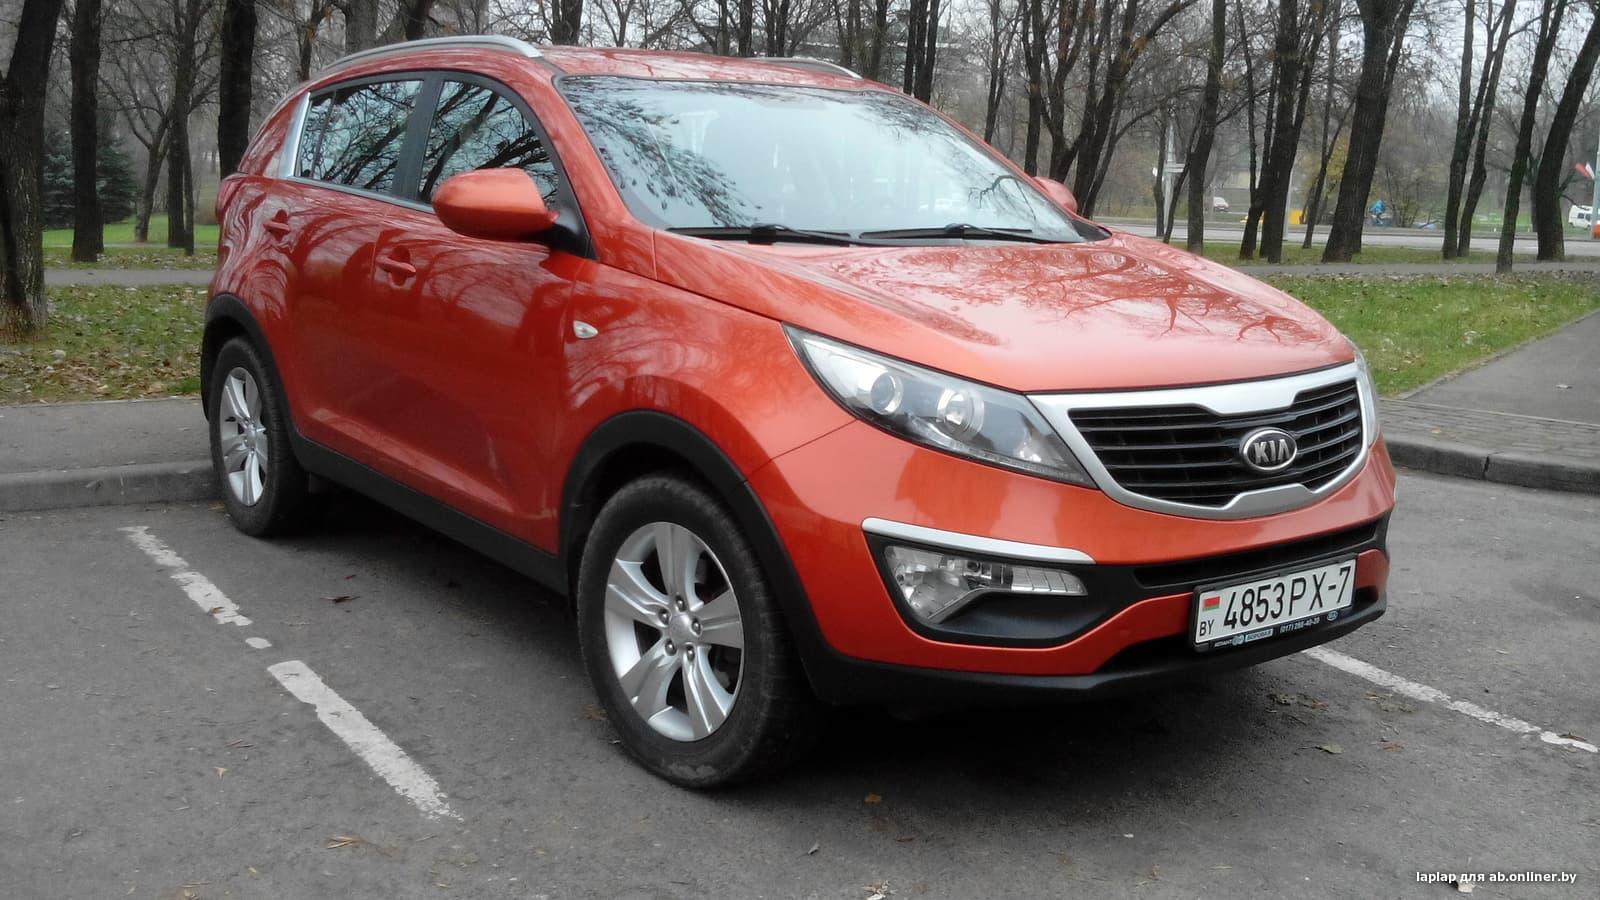 Kia Sportage 1,7 CRDI